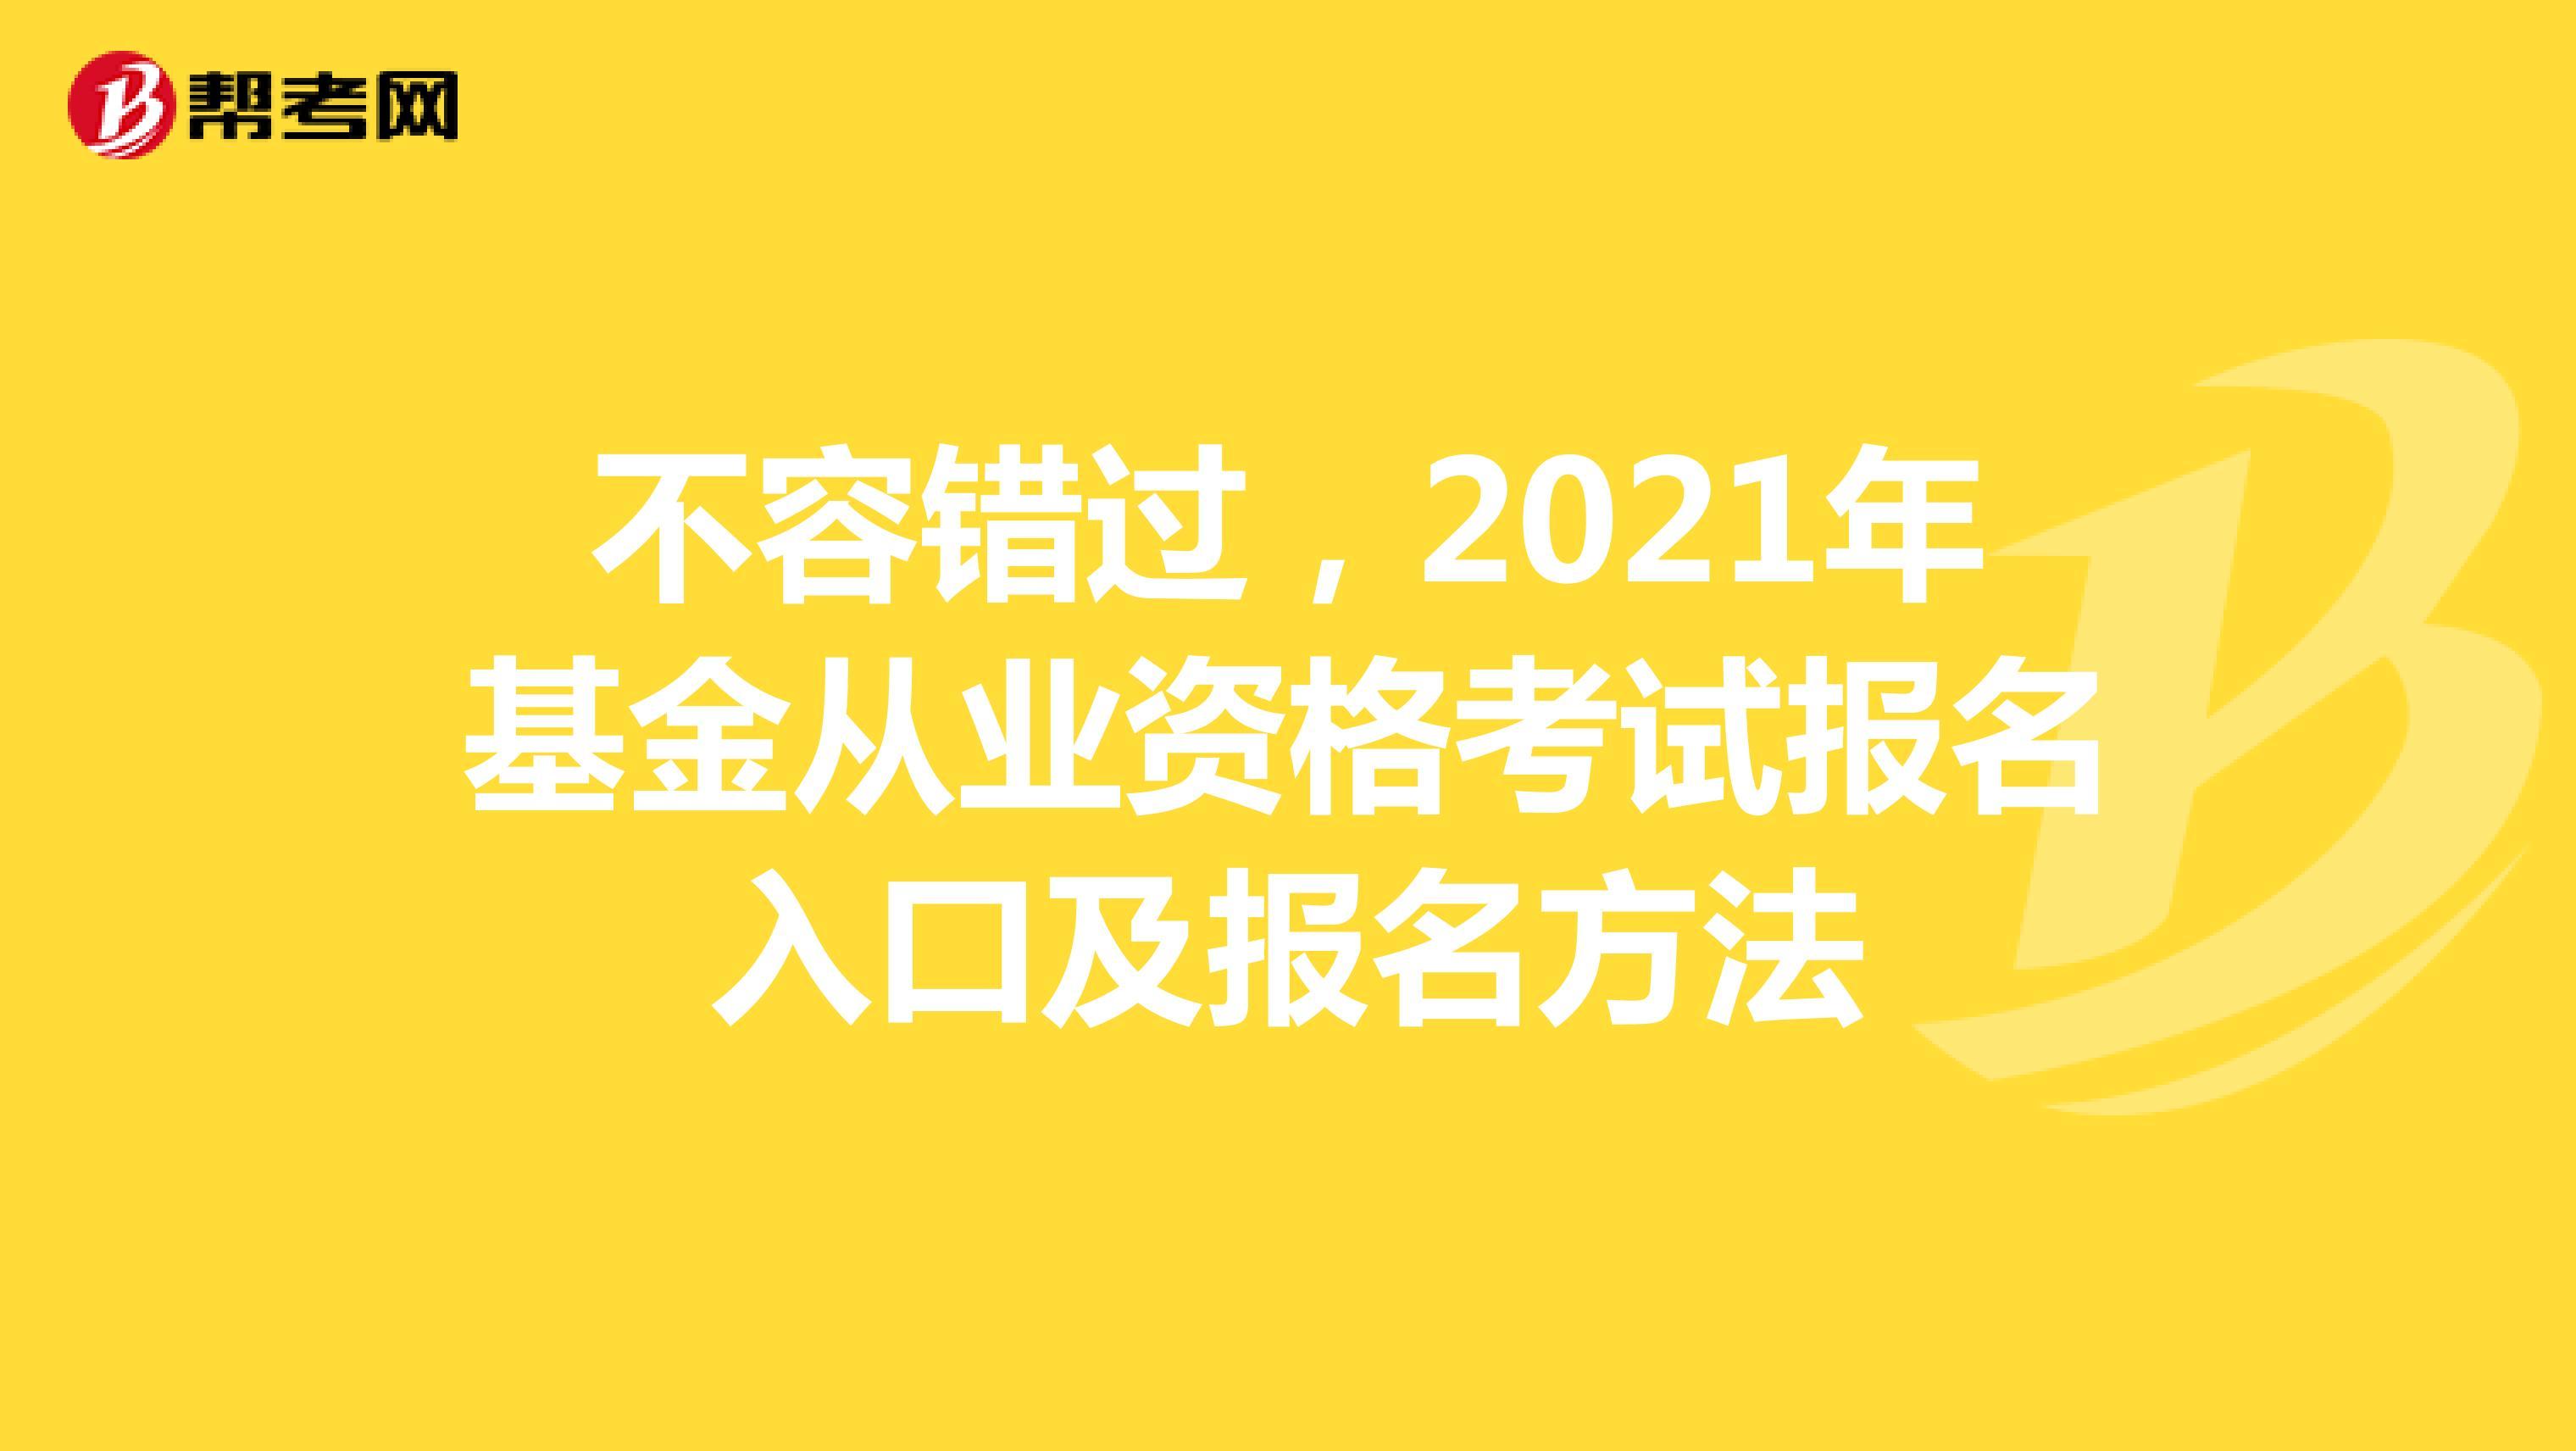 不容錯過,2021年基金從業資格考試報名入口及報名方法